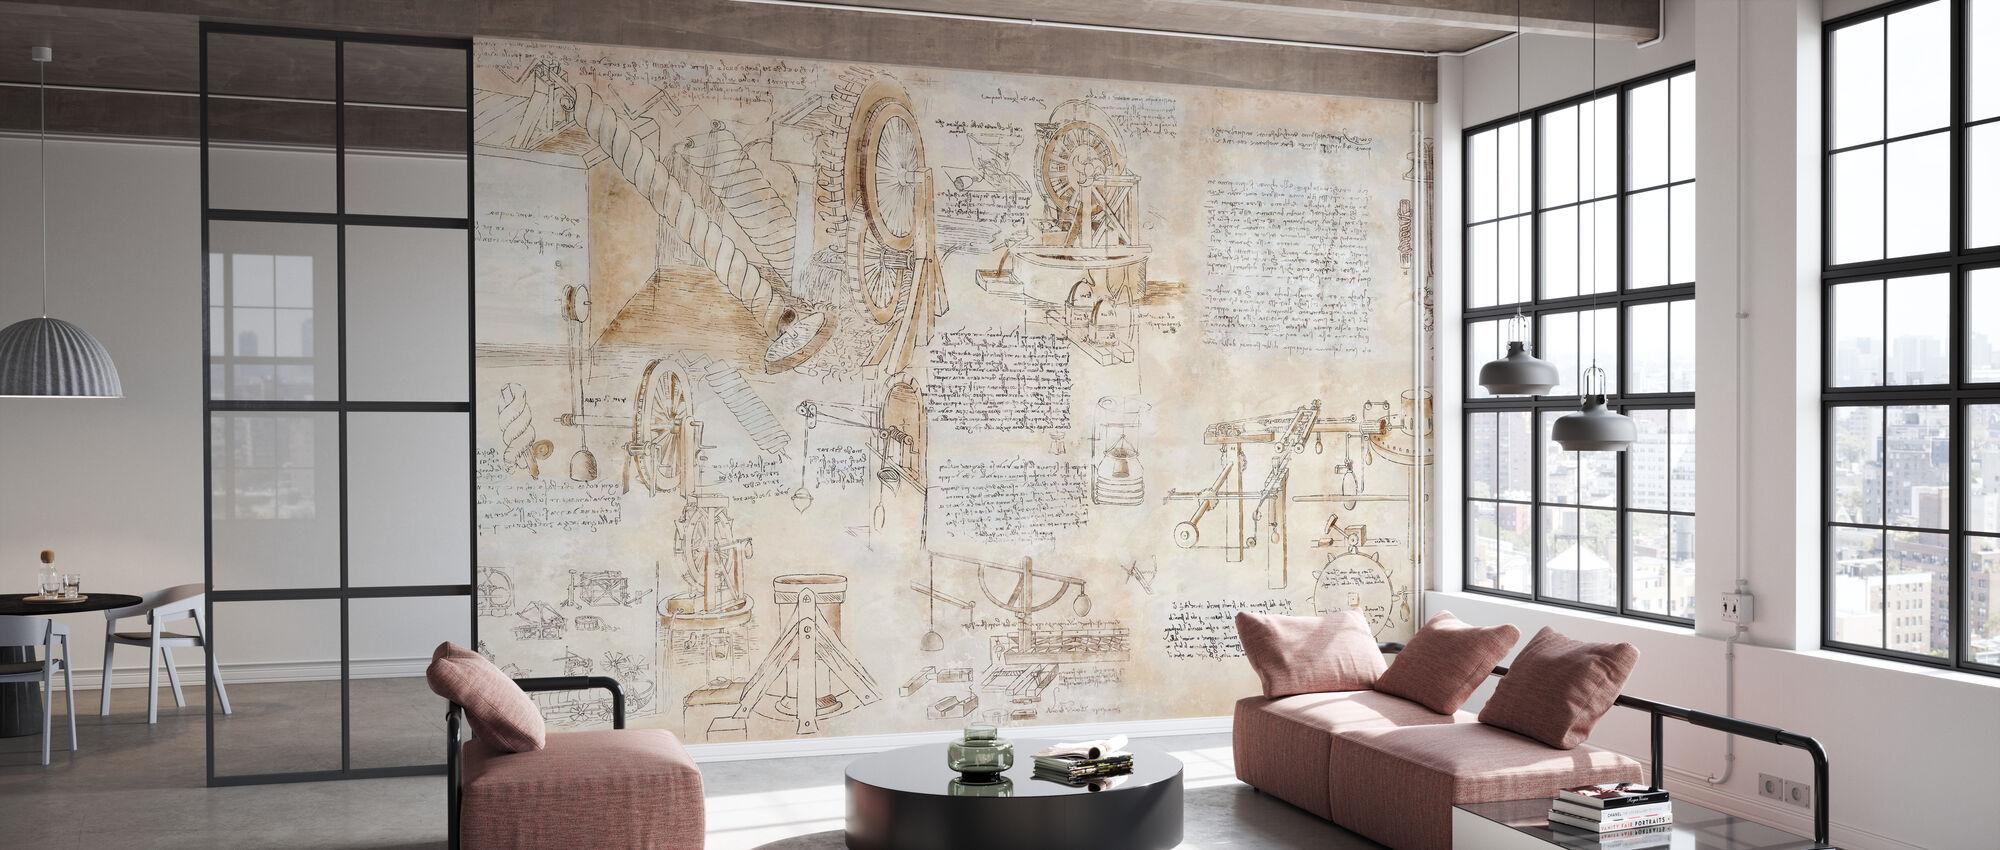 Da Vinci - Inventions - Wallpaper - Office